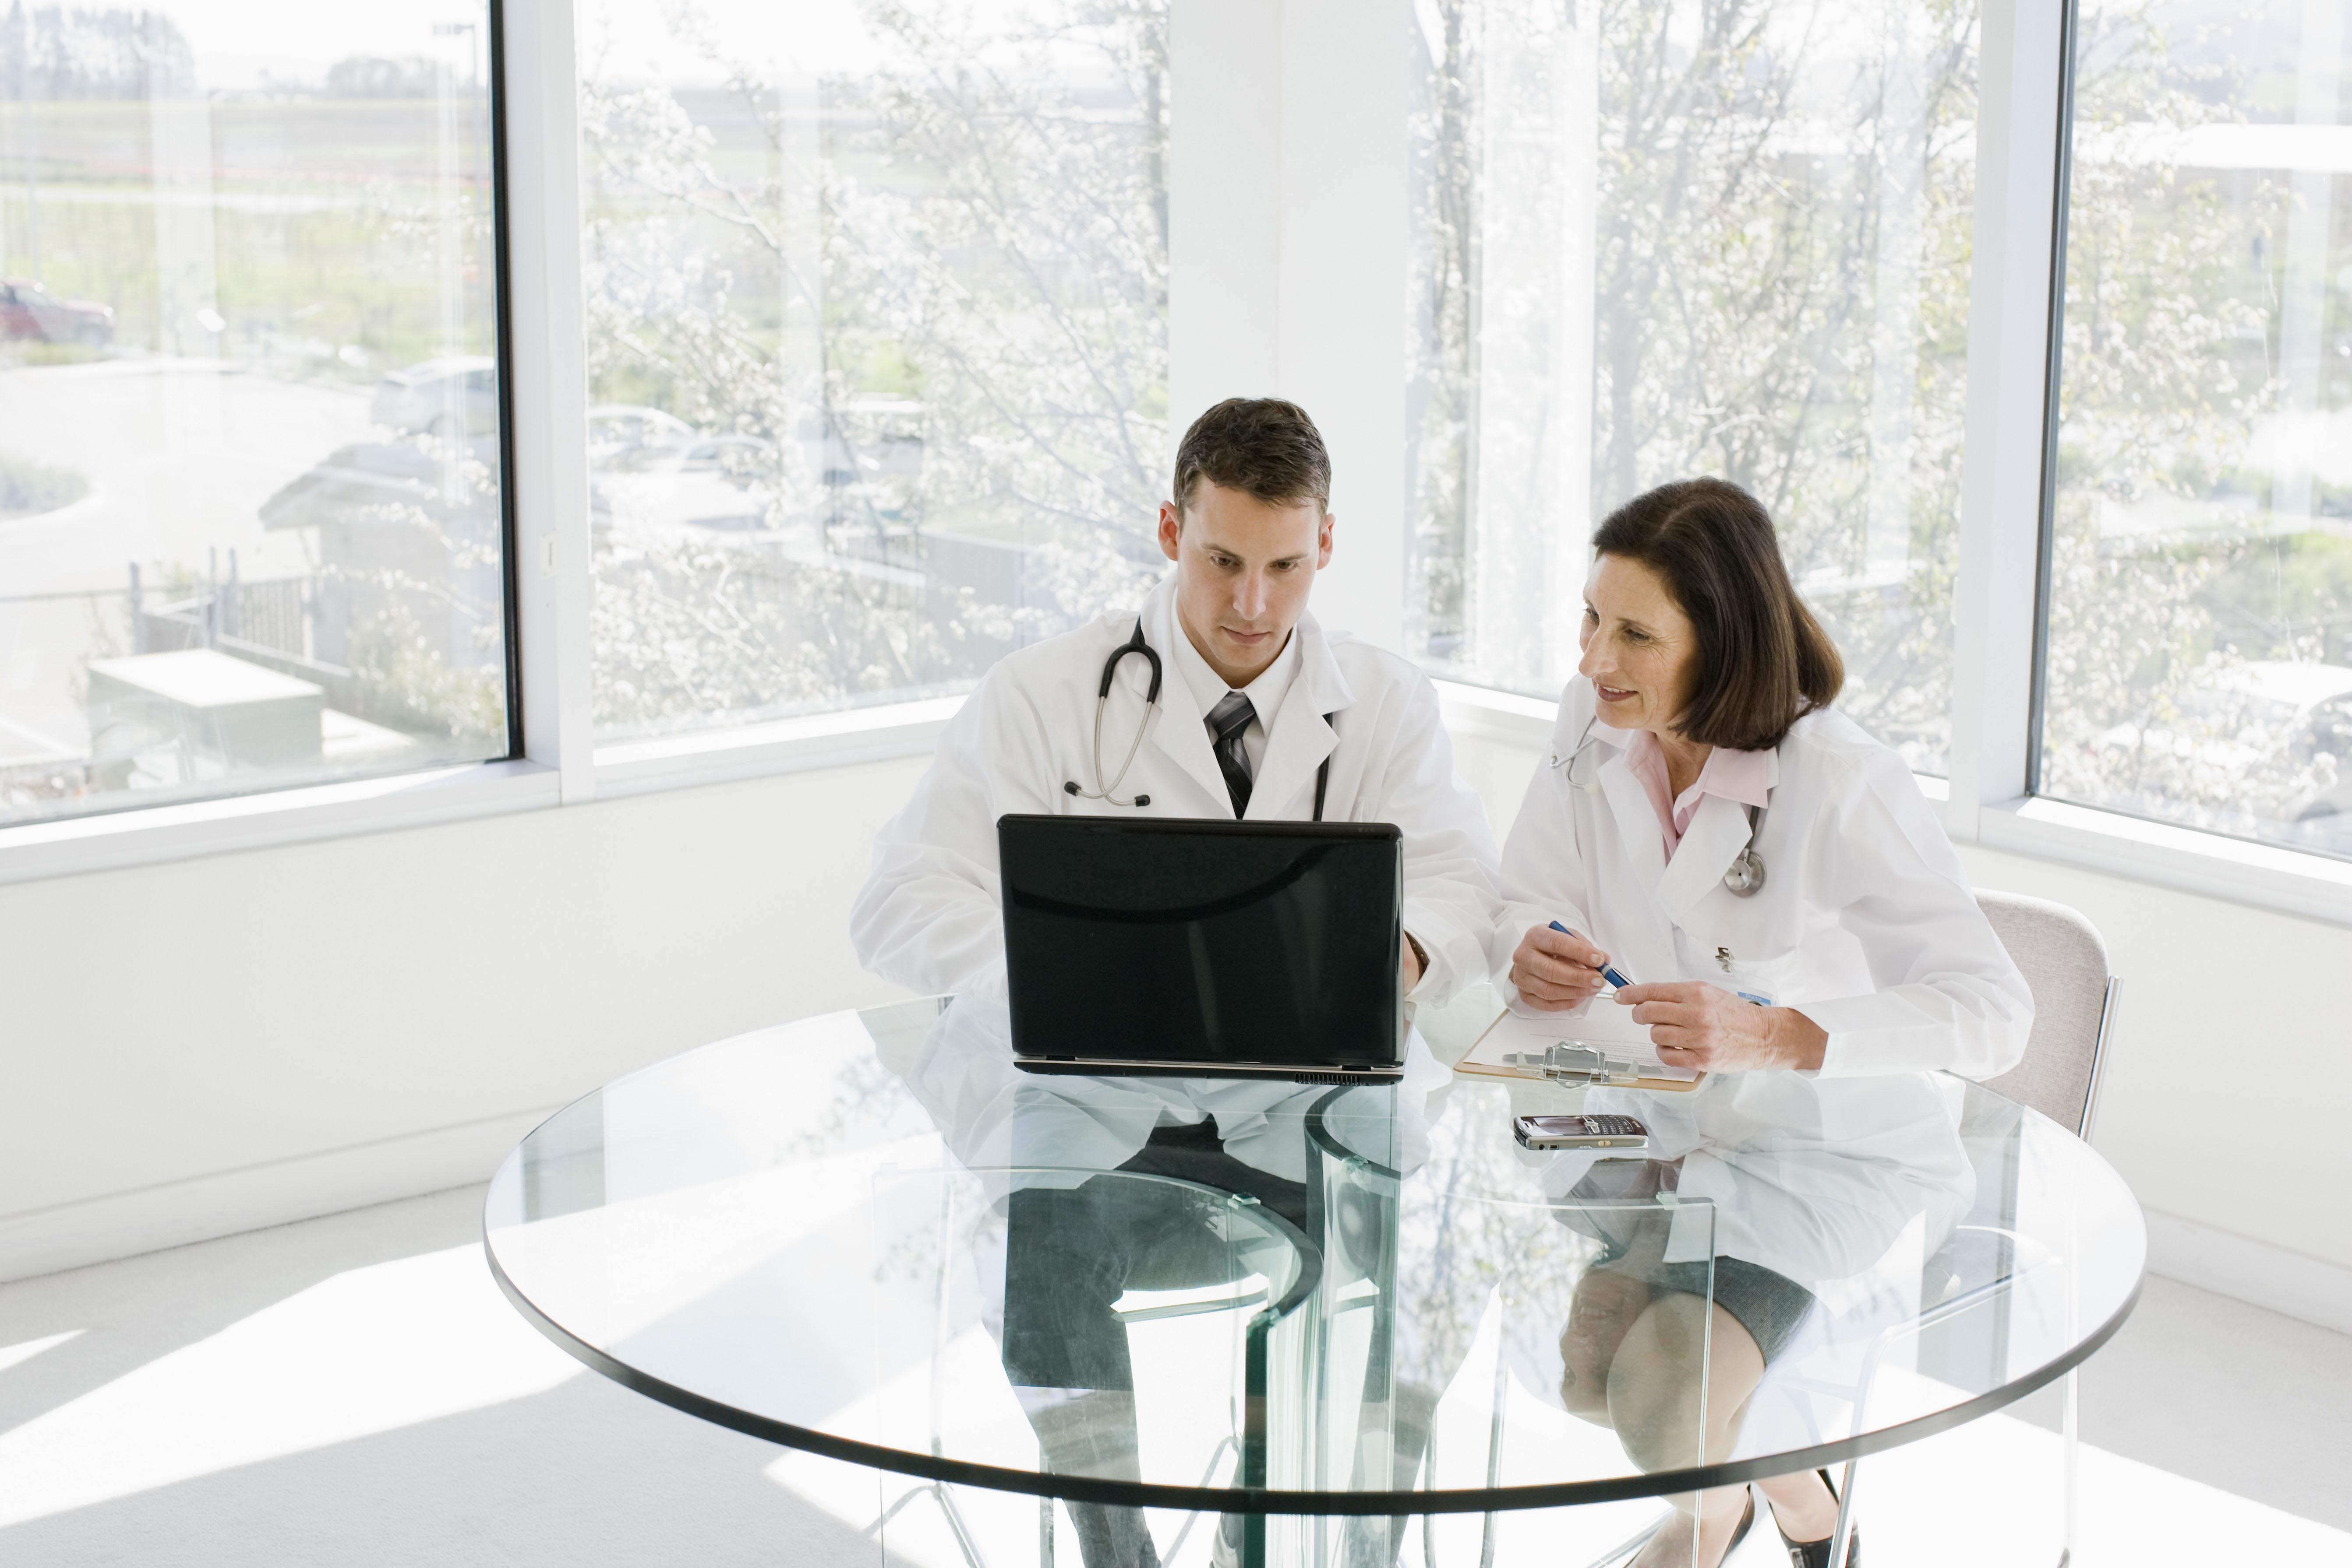 Clinician Network Management